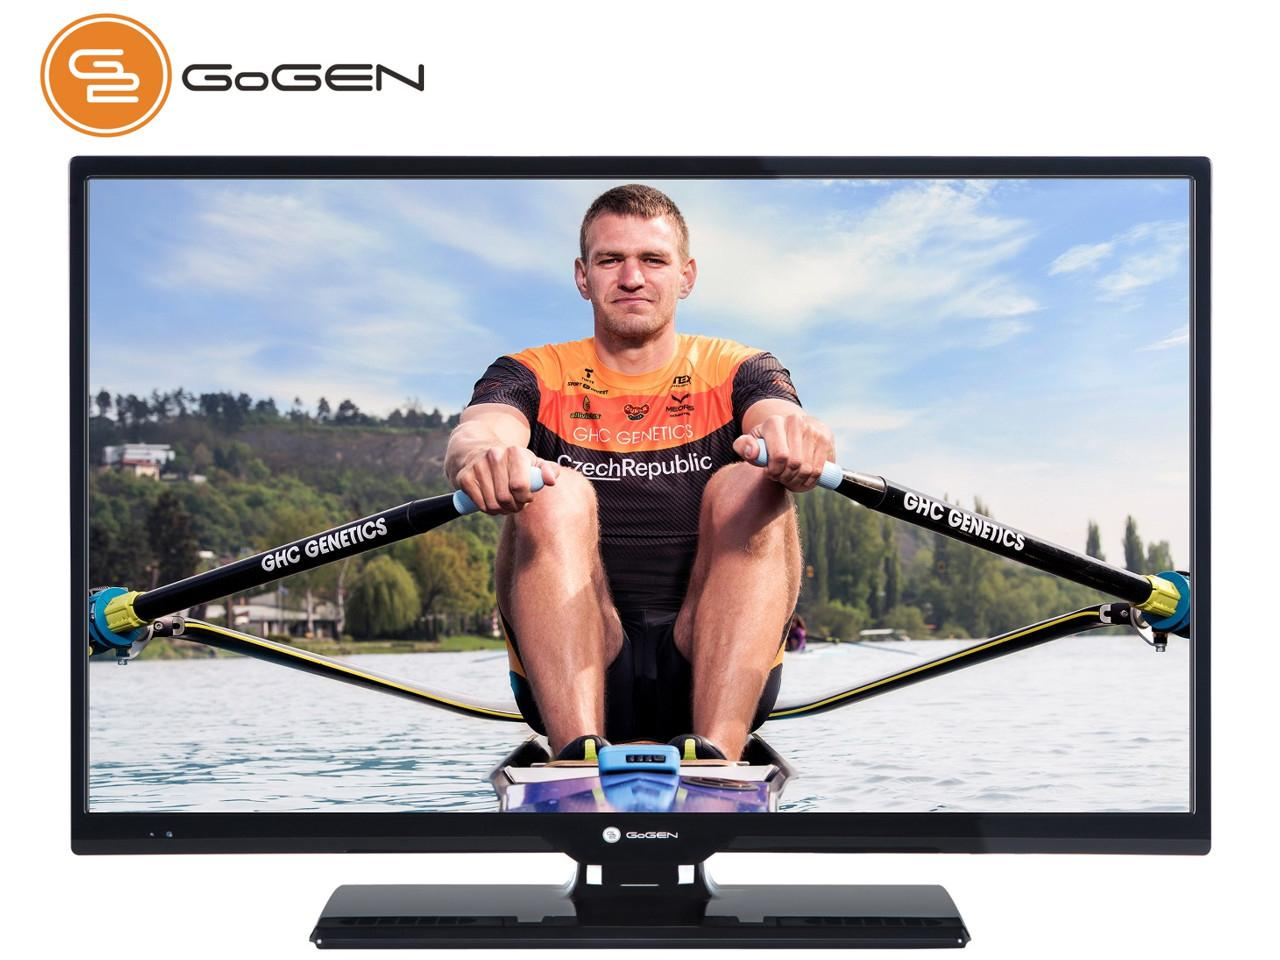 GoGEN TVH 24P266T + 40 měsíců záruka po registraci! + 100 Kč na dárky nebo další nákup | CHAT on-line podpora PO-PÁ 8-22.00!!